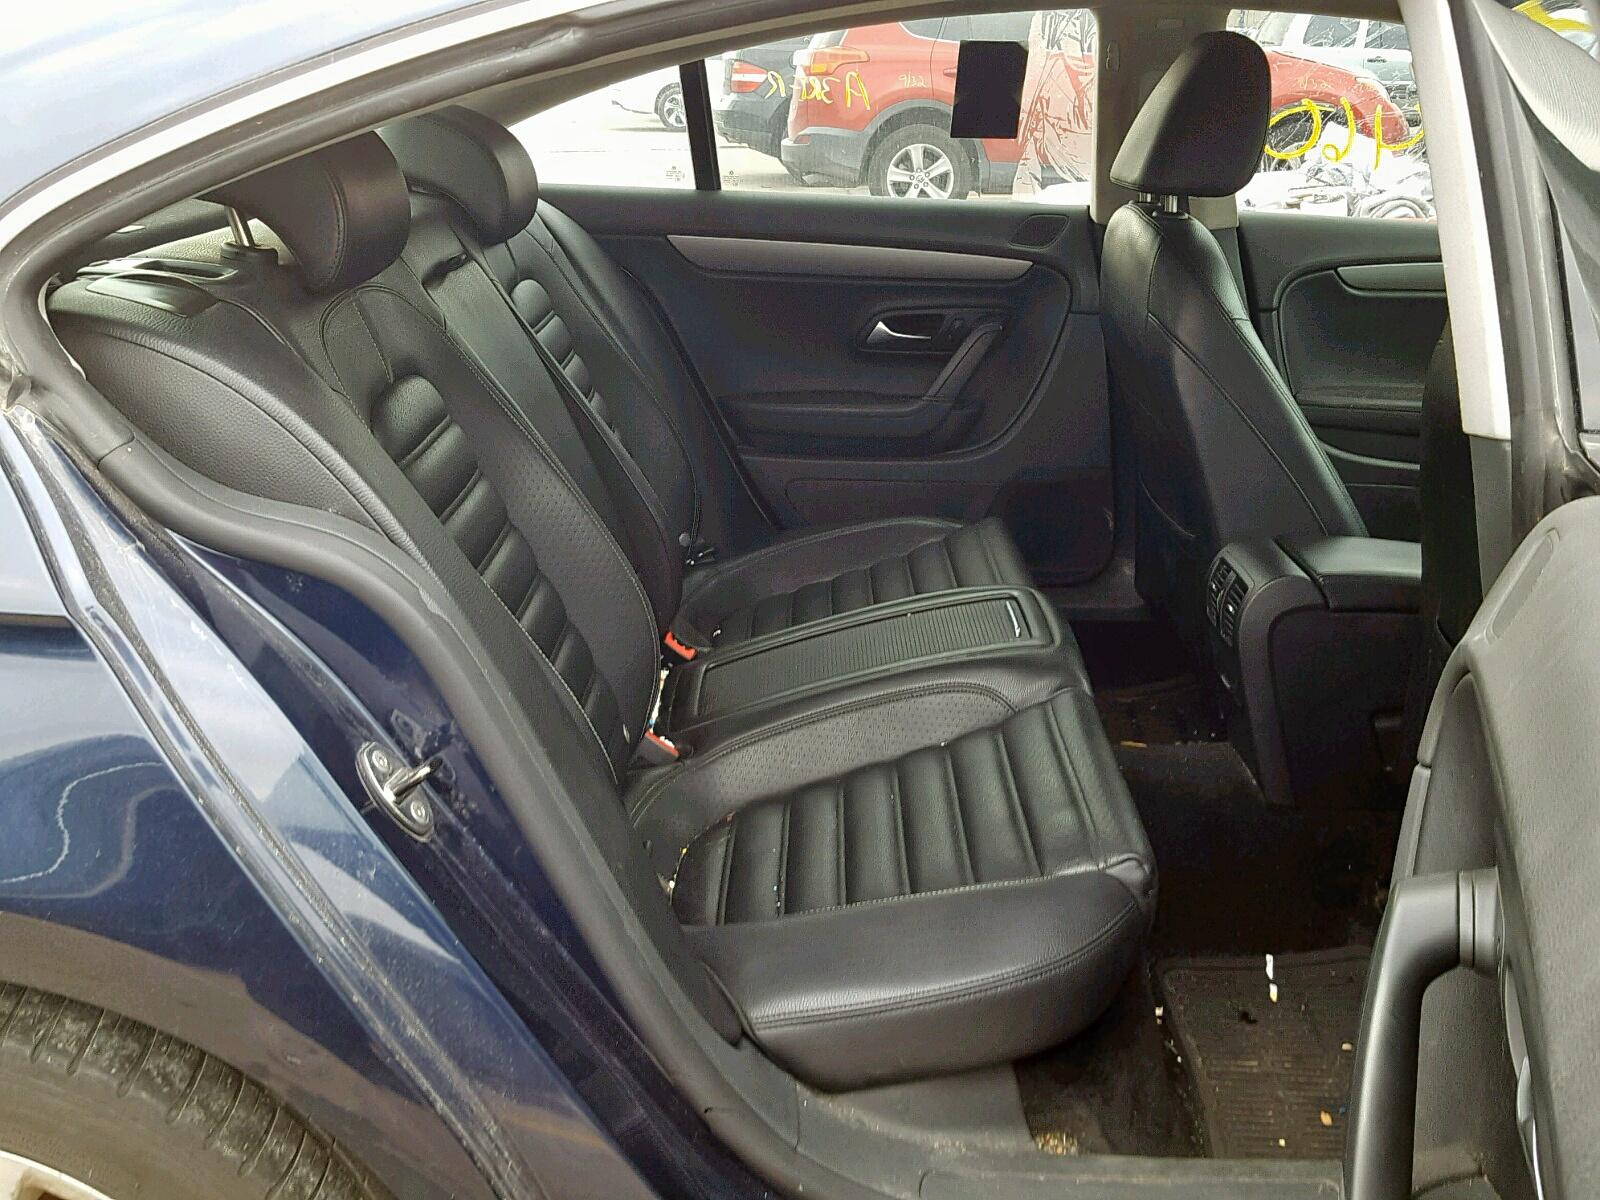 WVWMN7AN3CE521047 - 2012 Volkswagen Cc Sport 2.0L detail view